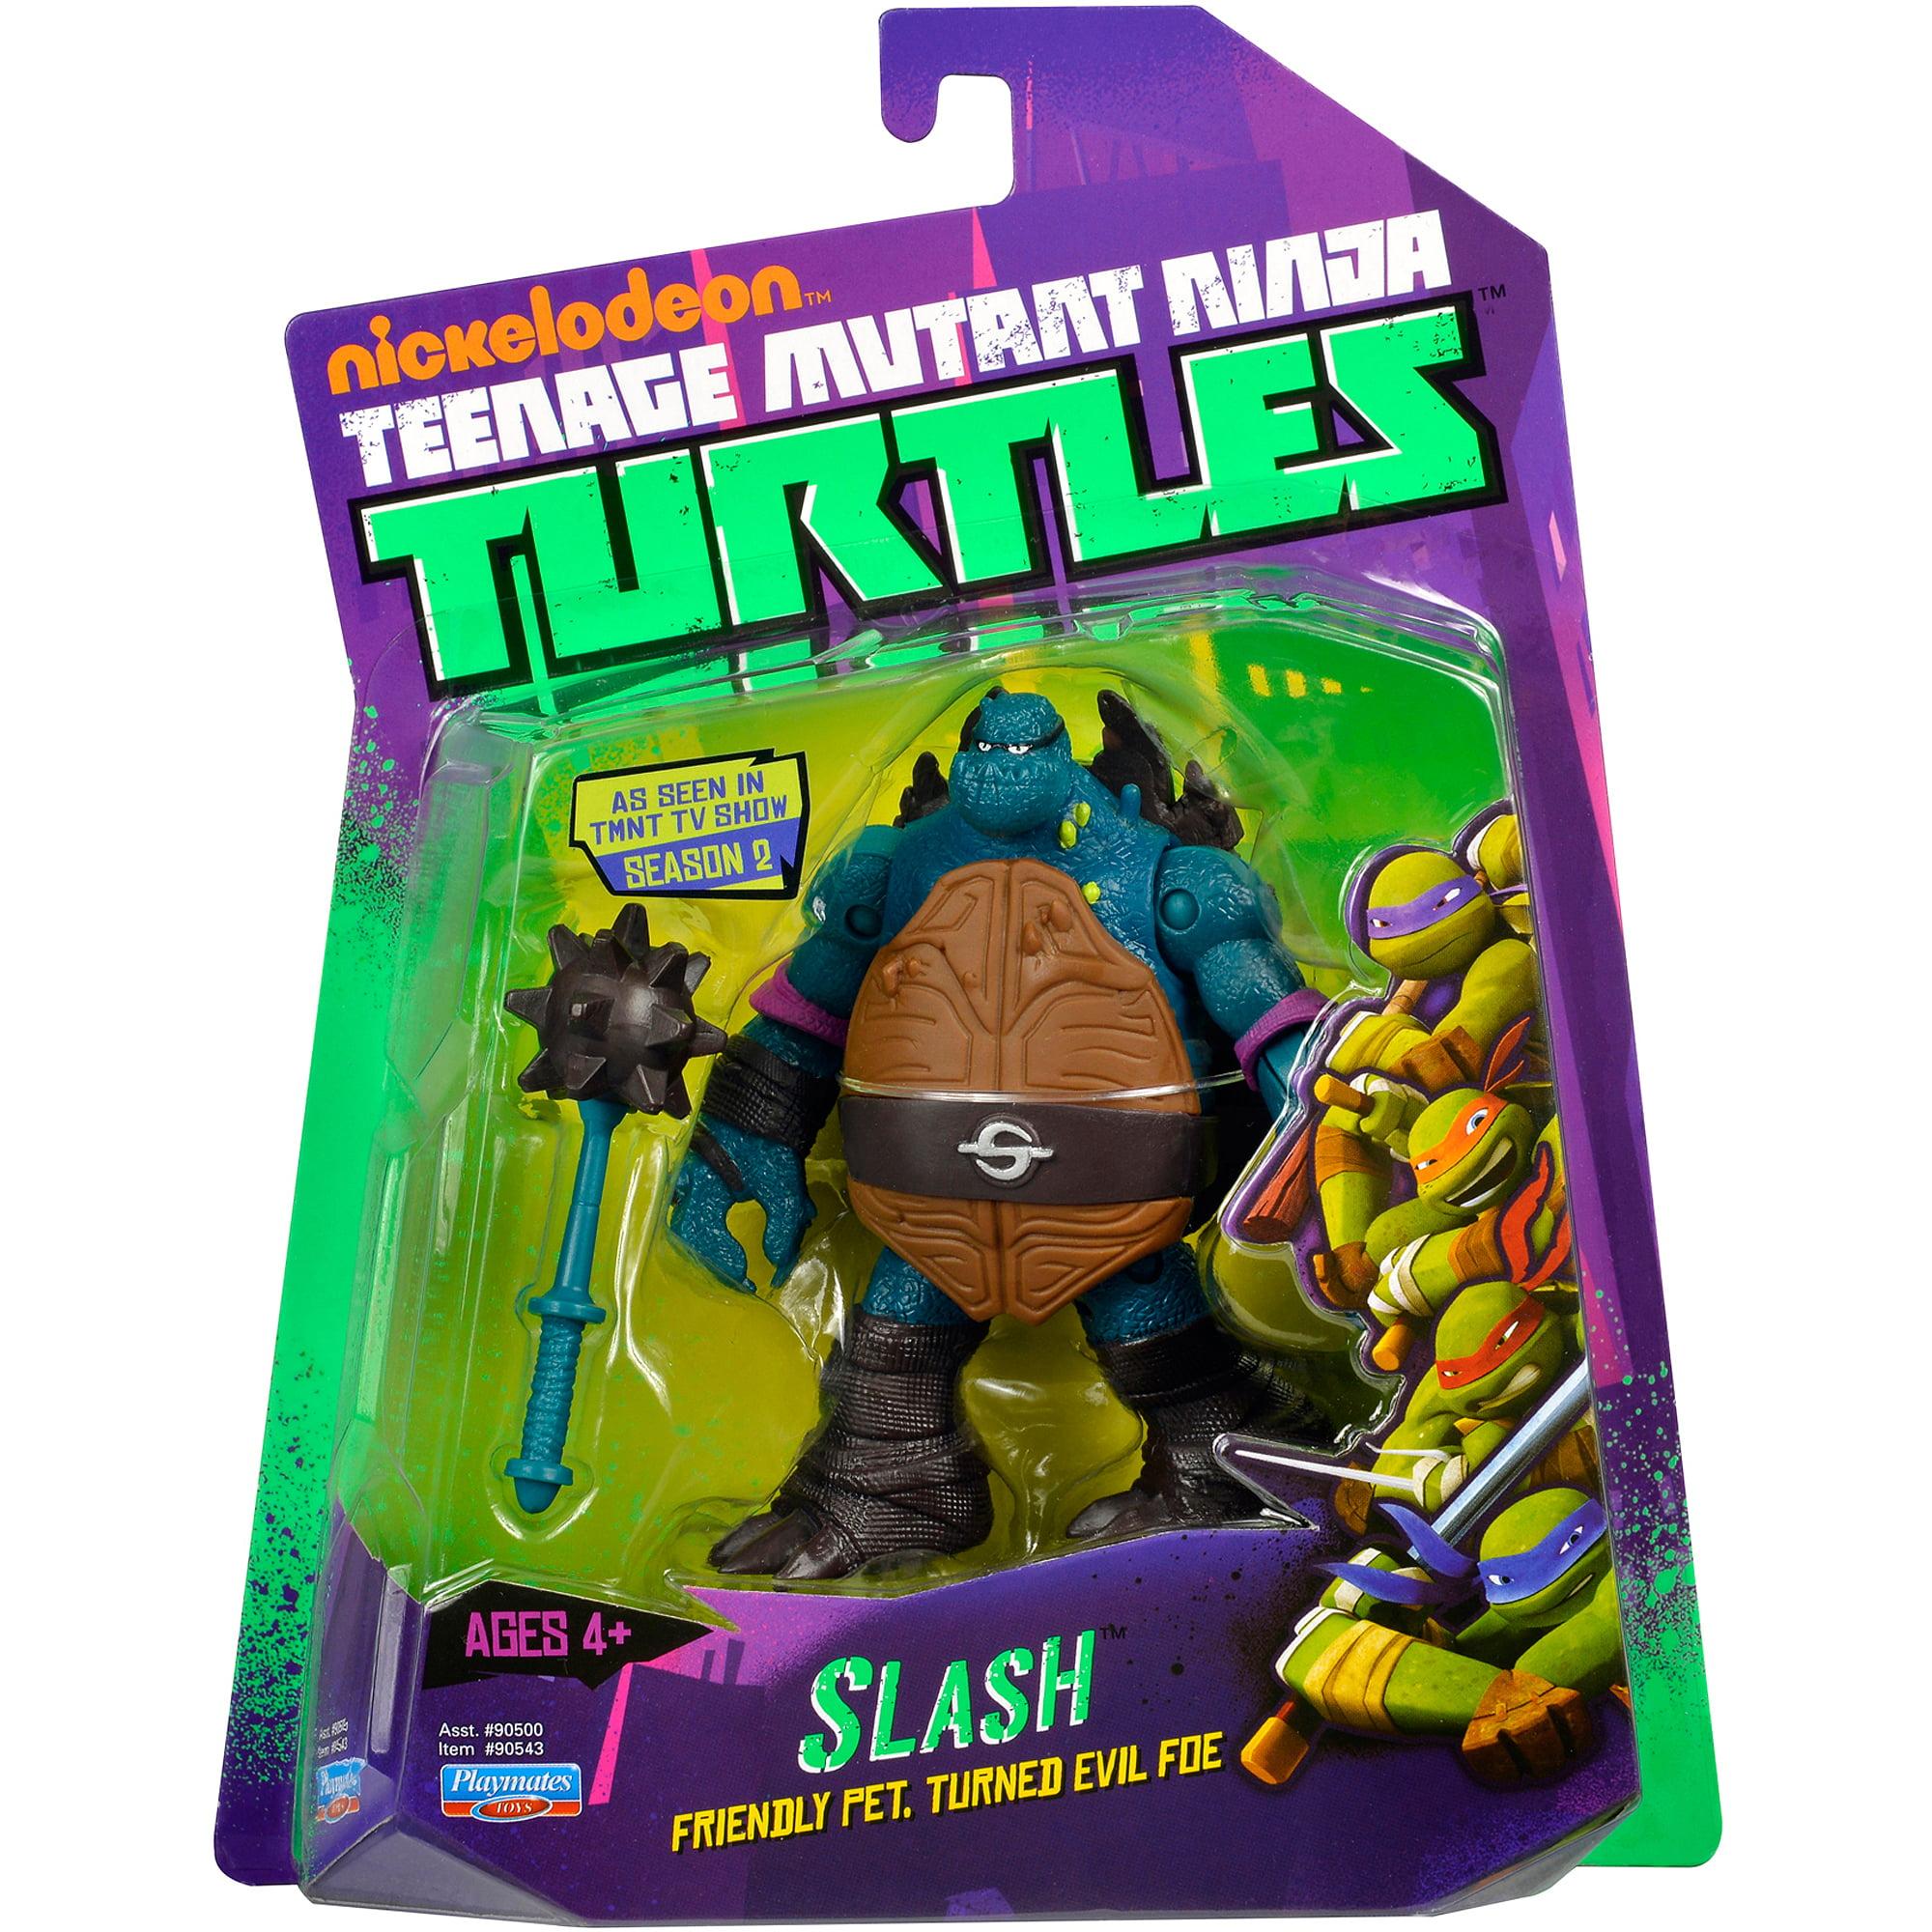 Teenage Mutant Ninja Turtles Slash Action Figure